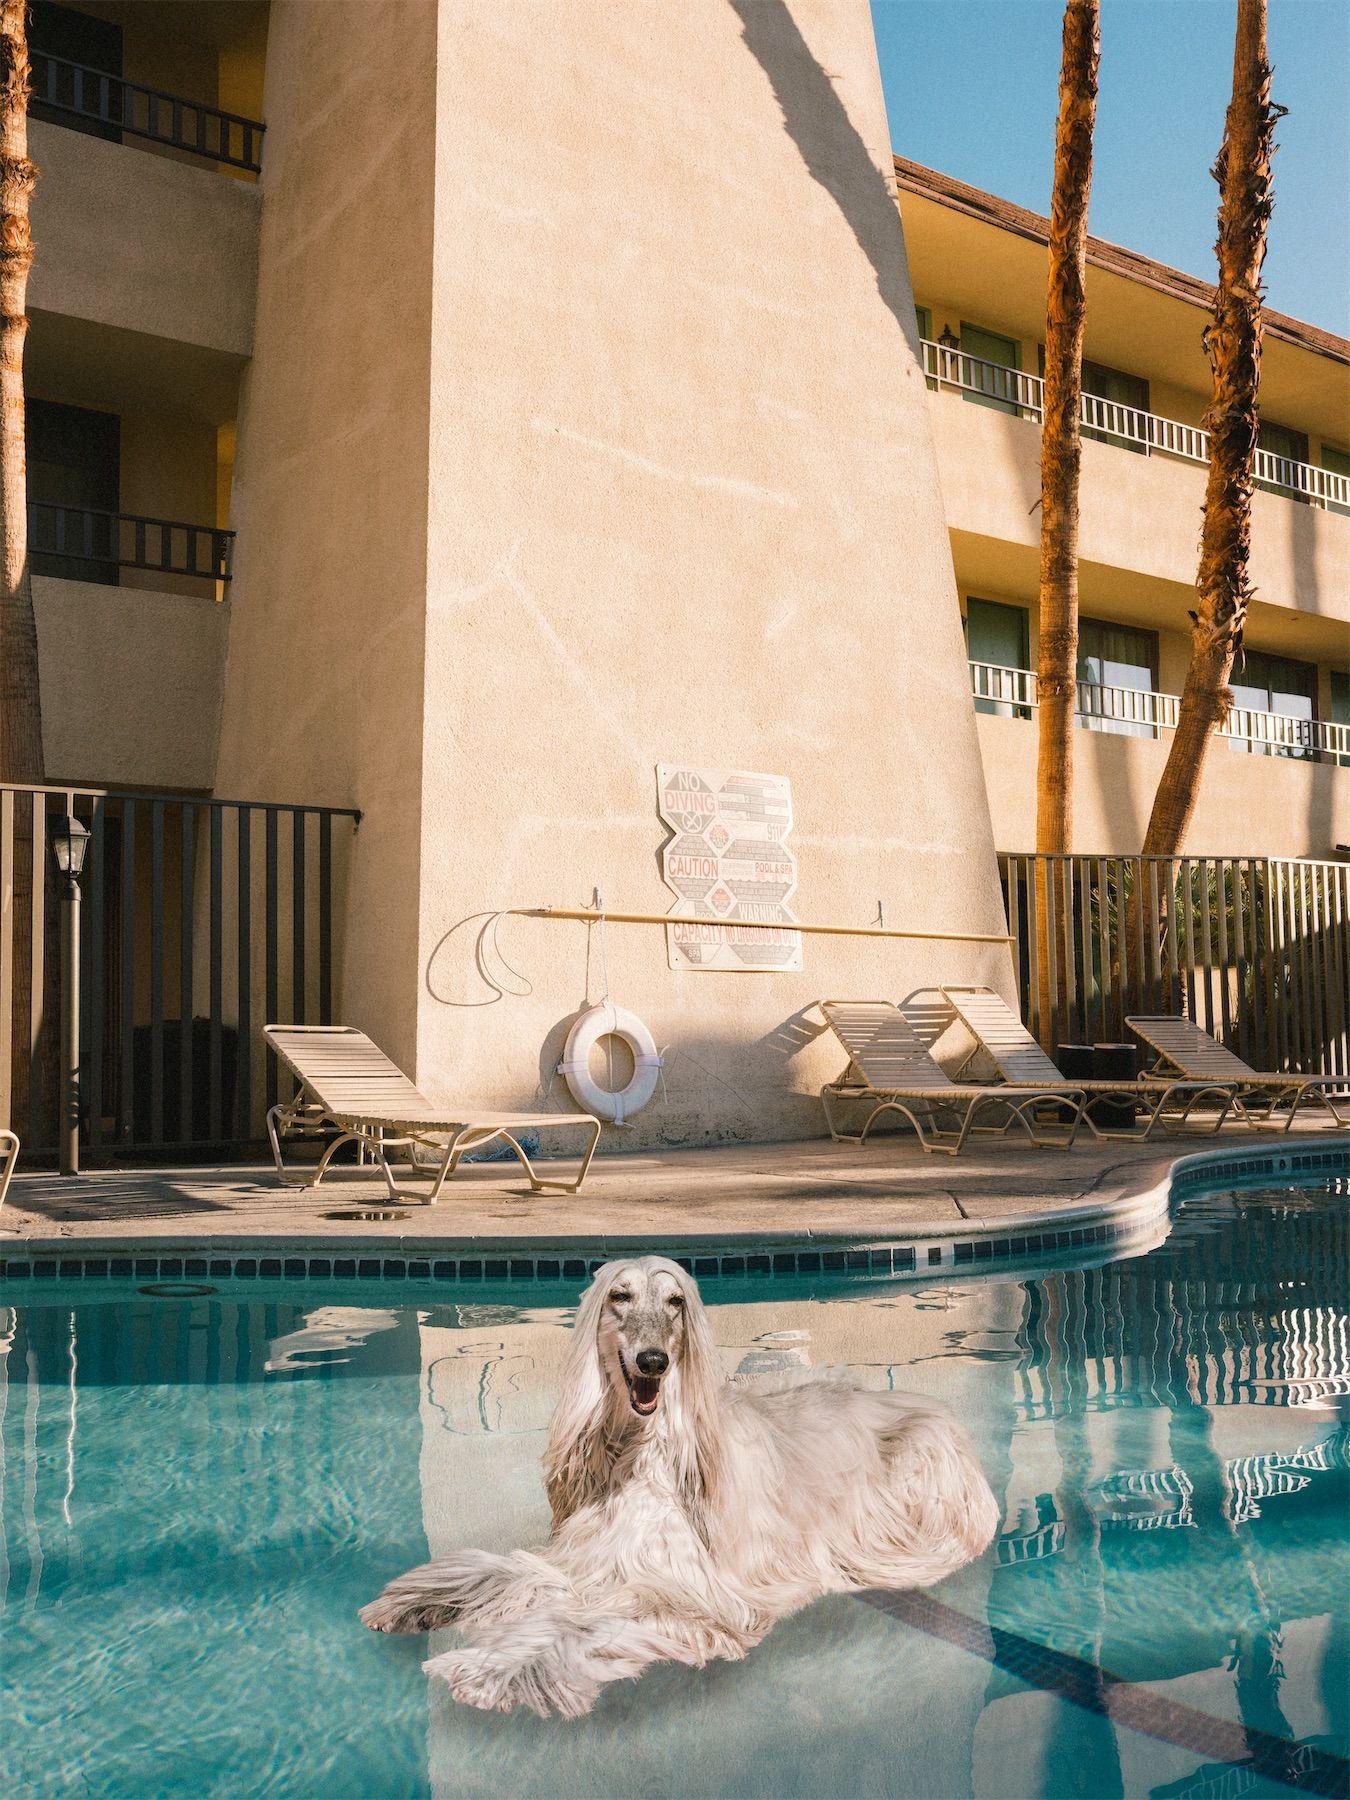 I levrieri in piscina a Palm Springs sono il calendario 2020 che non ha bisogno di spiegazioni